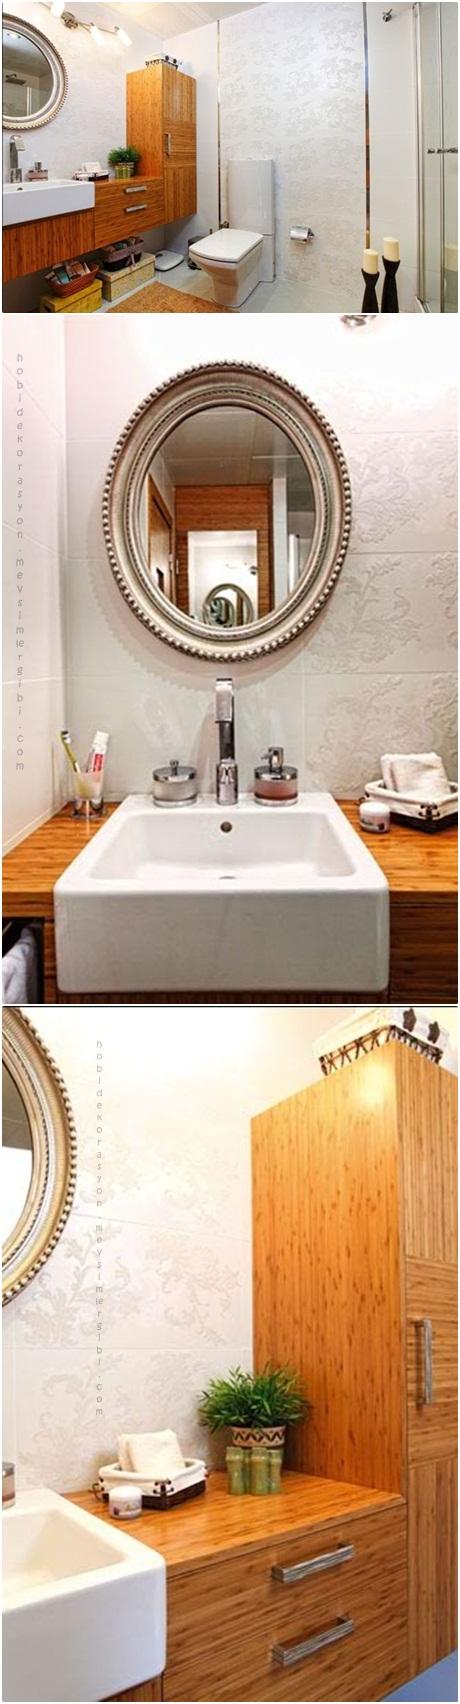 banyo dekorasyonu örnekleri banyo duş wc dekorları dekorasyonları